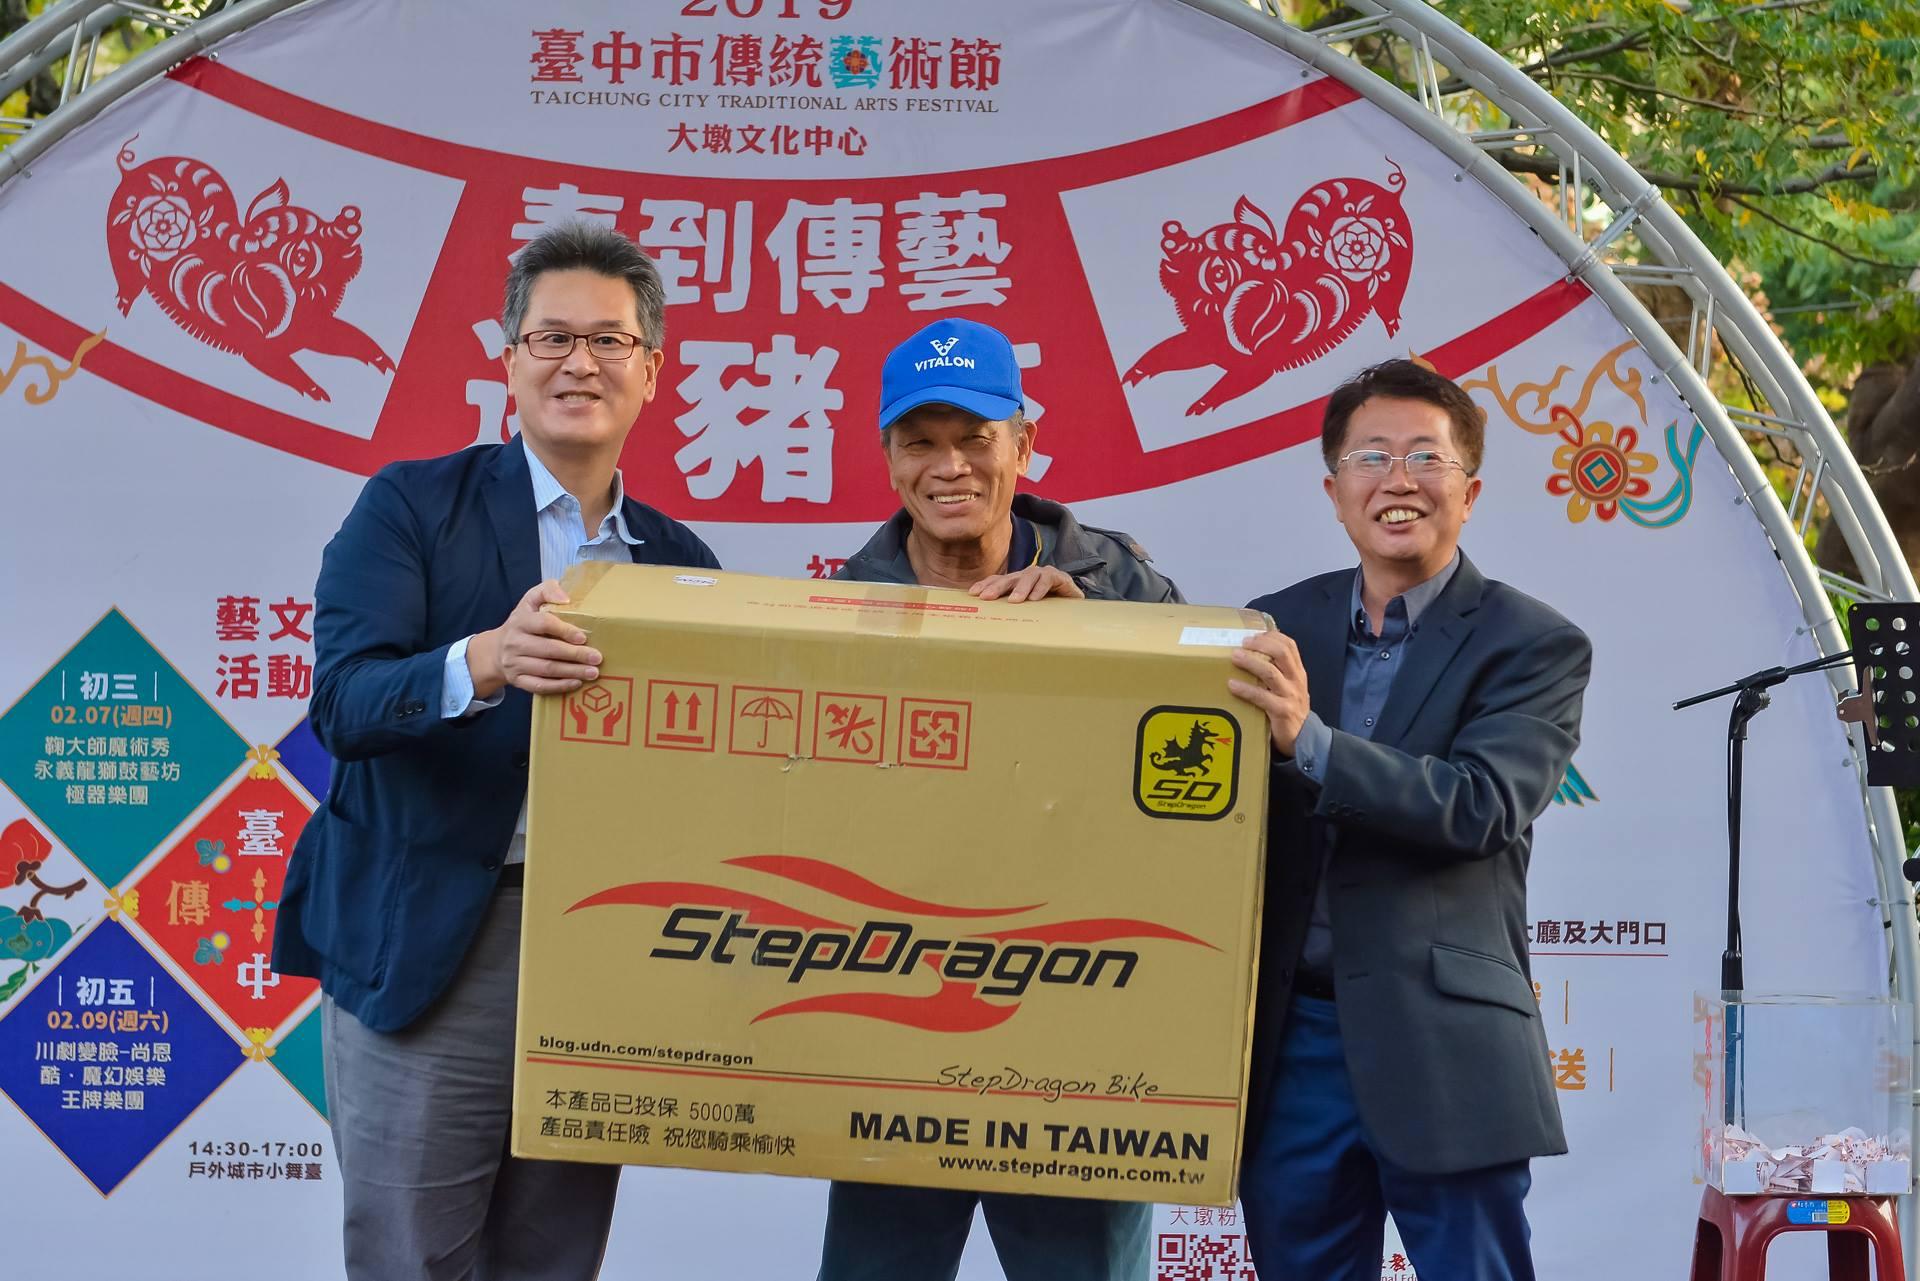 文化局林主任秘書敏棋抽出當日最大獎的腳踏車。